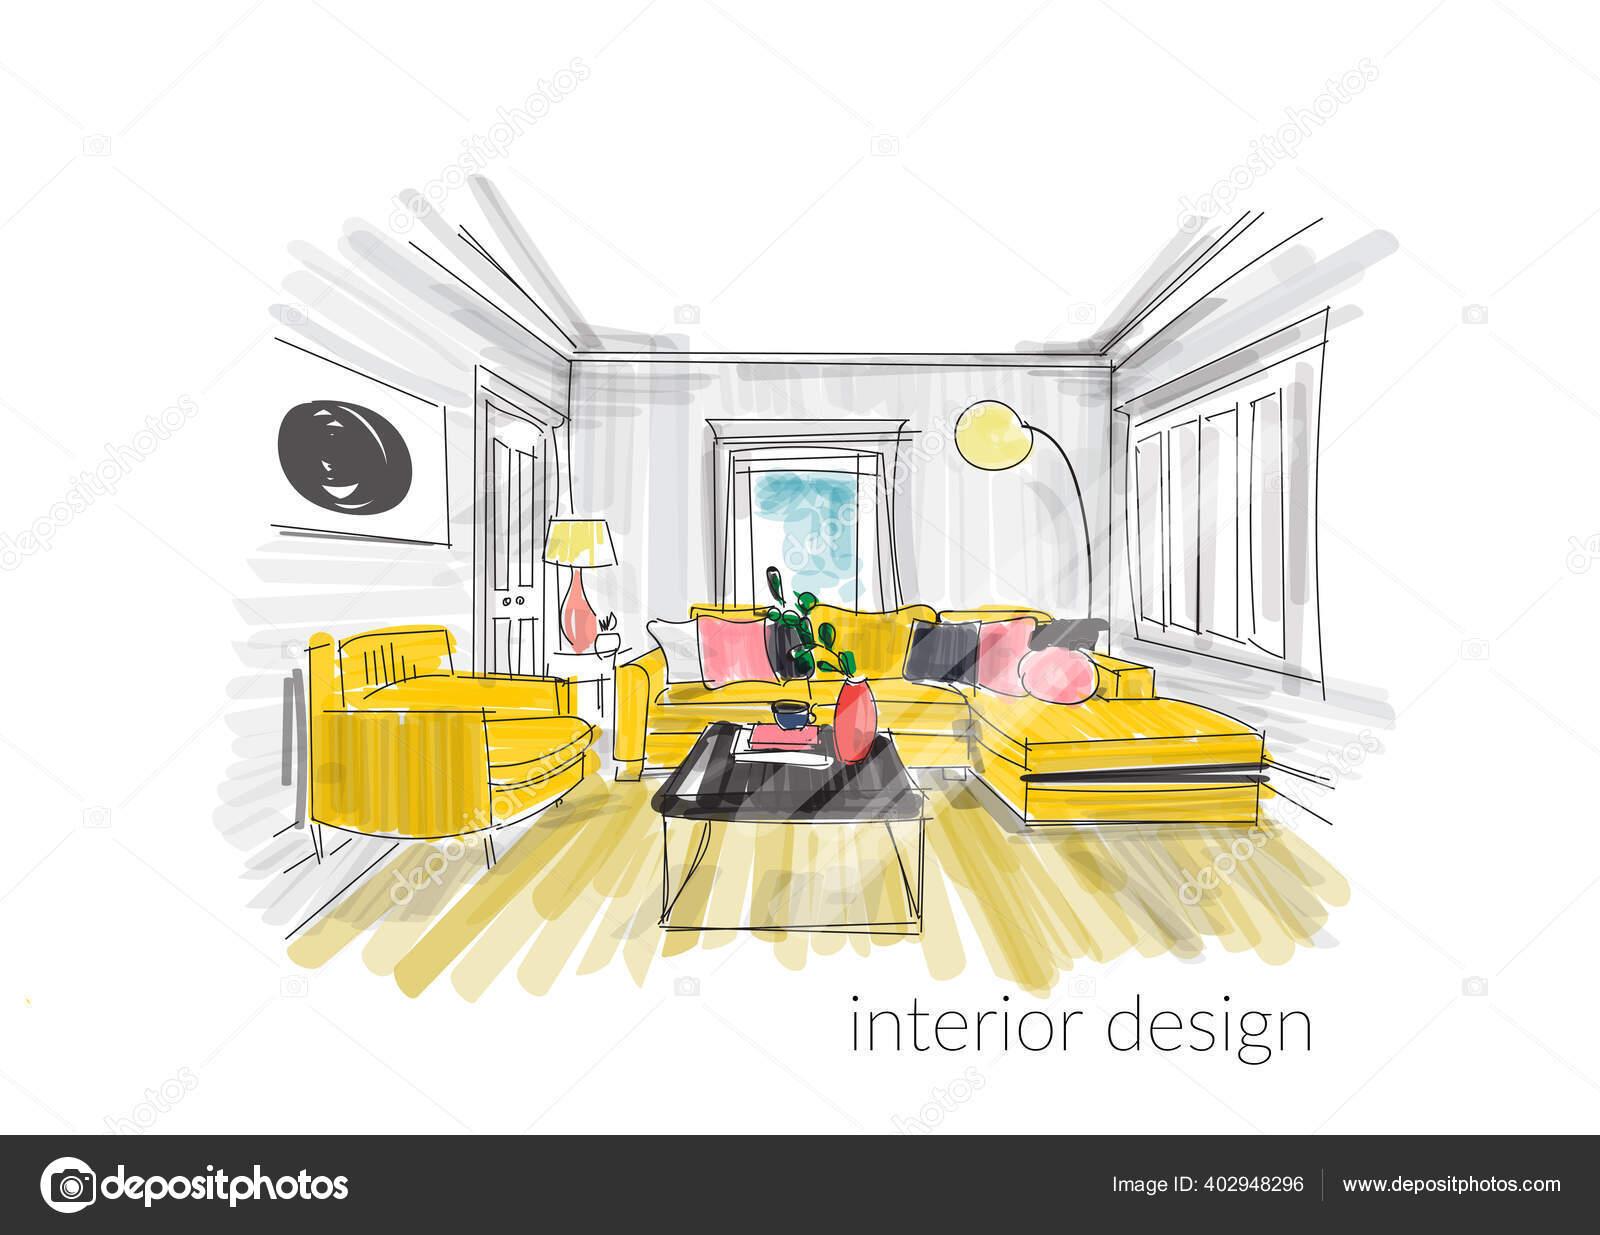 Vektor Interior Desain Tangan Digambar Ilustrasi Sketsa Furnitur Ruang Tamu Stok Vektor C Joanna Rosado Gmail Com 402948296